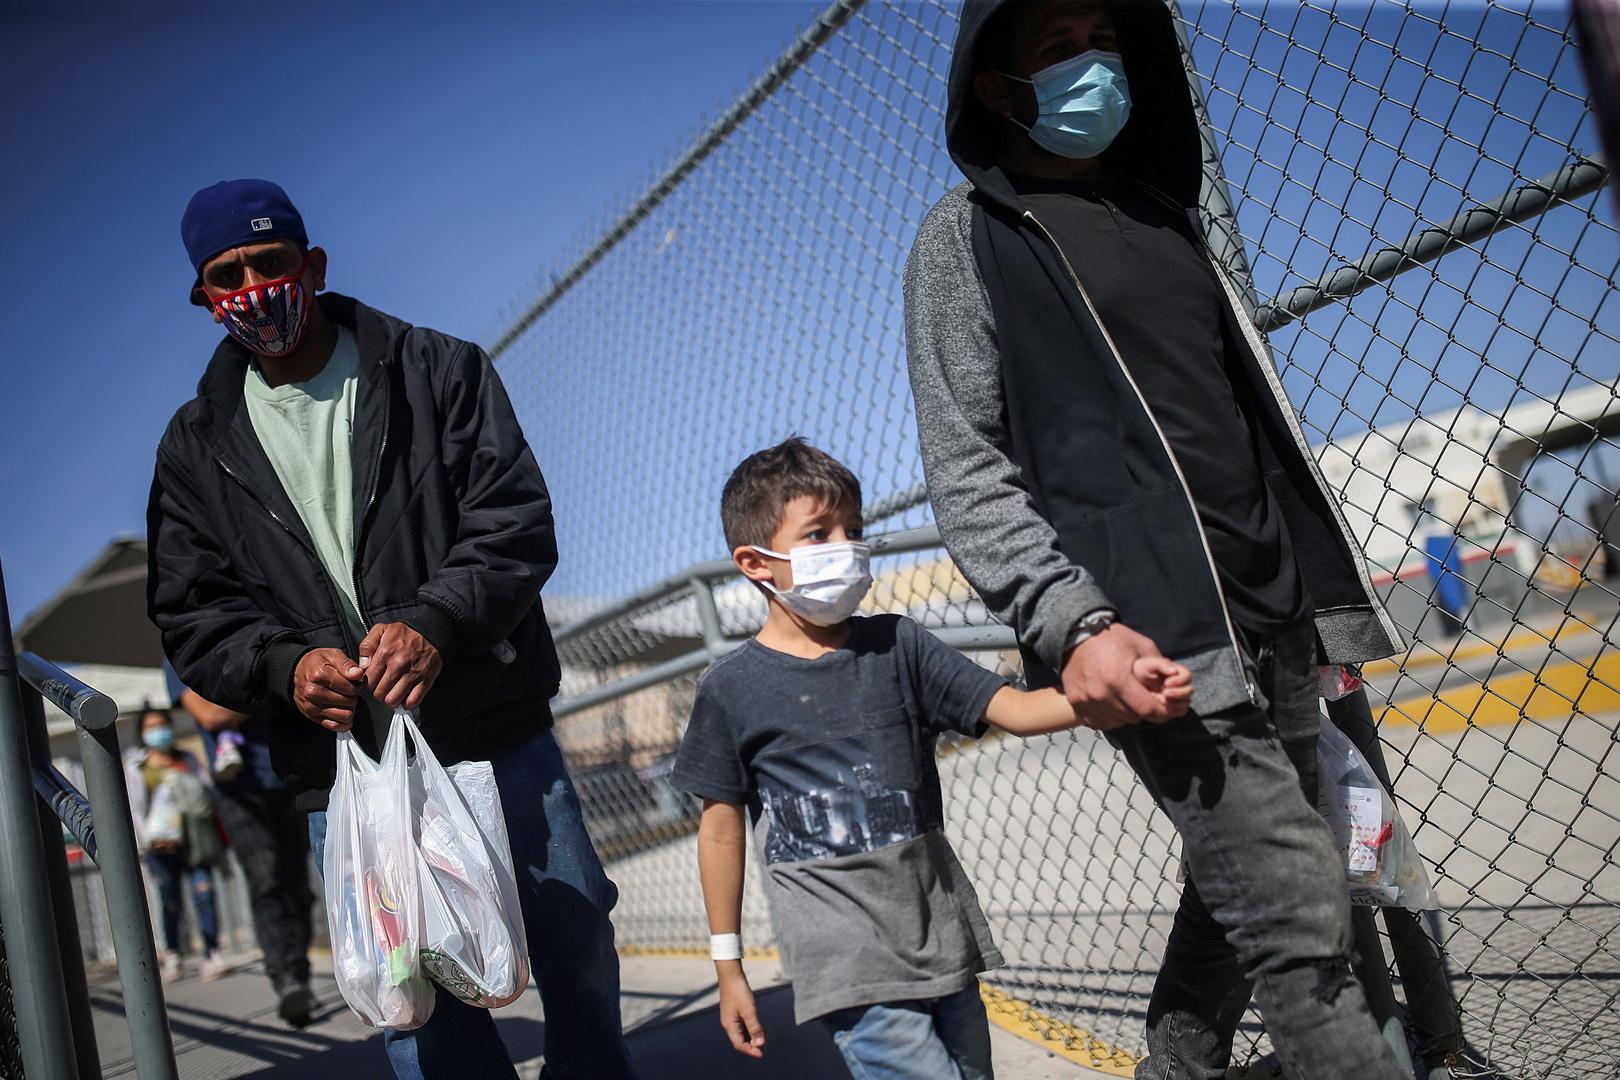 مسؤول أمريكي يتوقع أكثر من مليون مهاجر على الحدود مع المكسيك